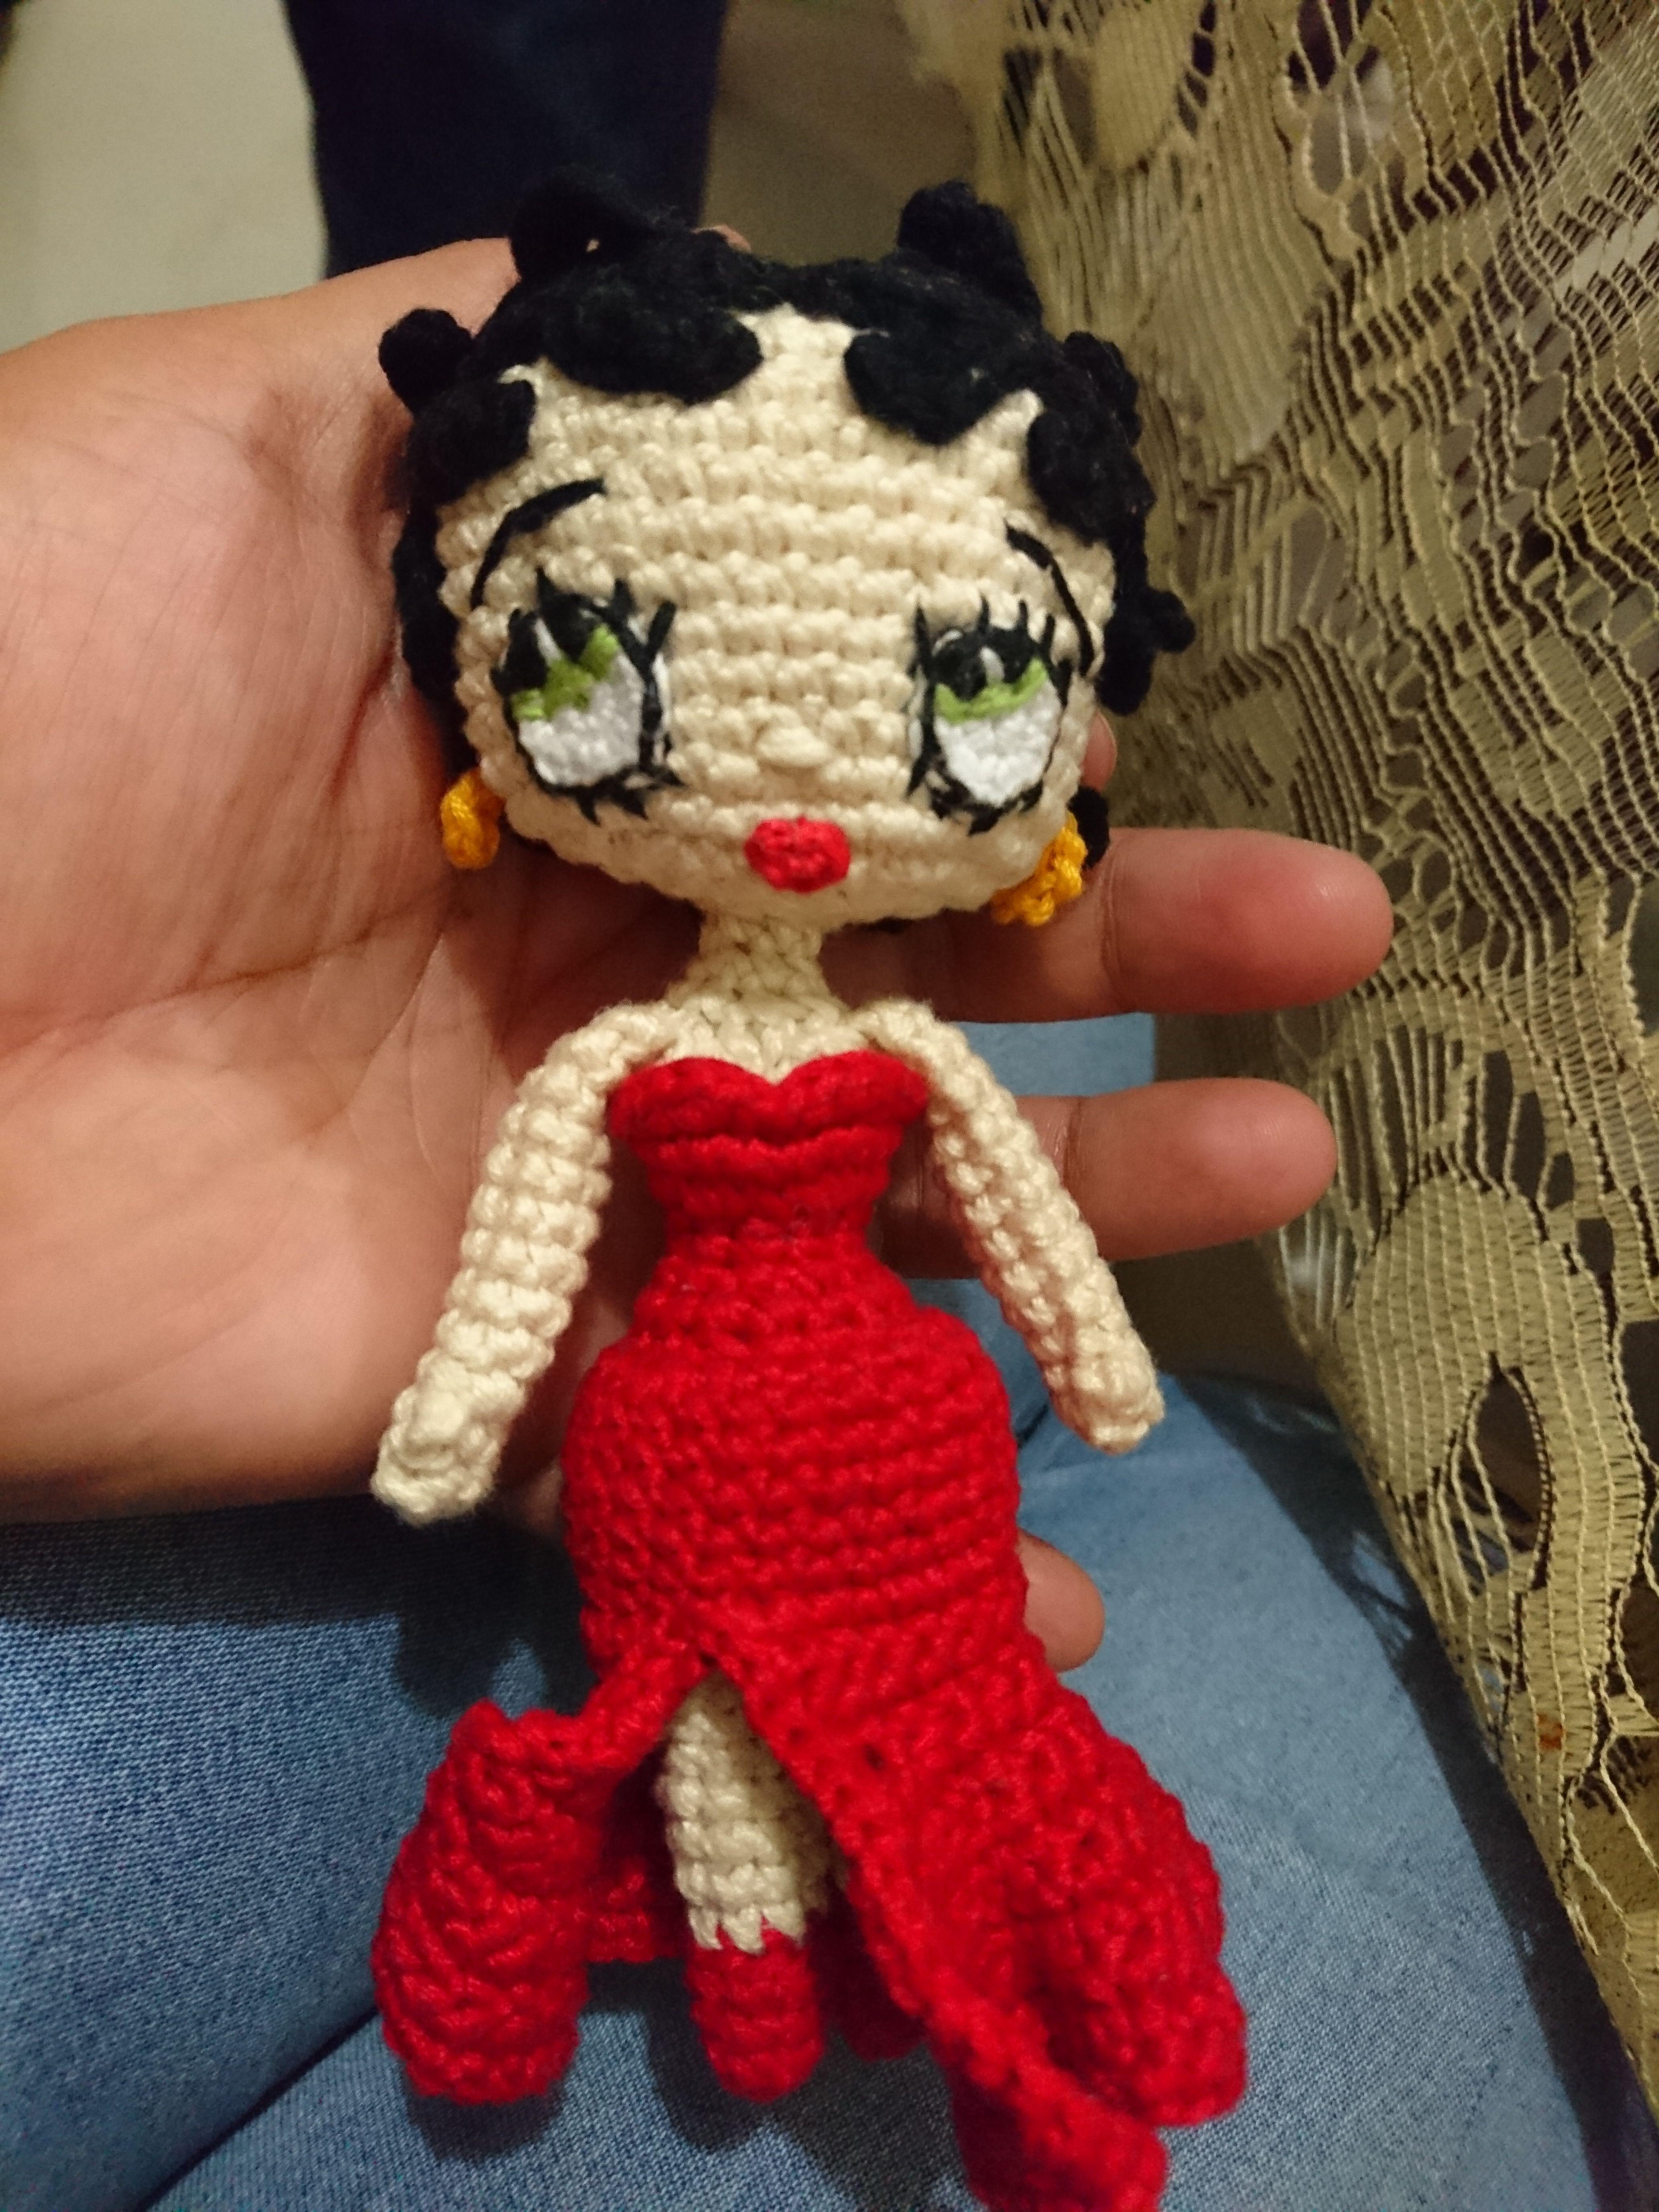 Tejido Amigurumi Tutorial : Mi version de betty boop amigurumi #bettyboop #amigurumi #crochet